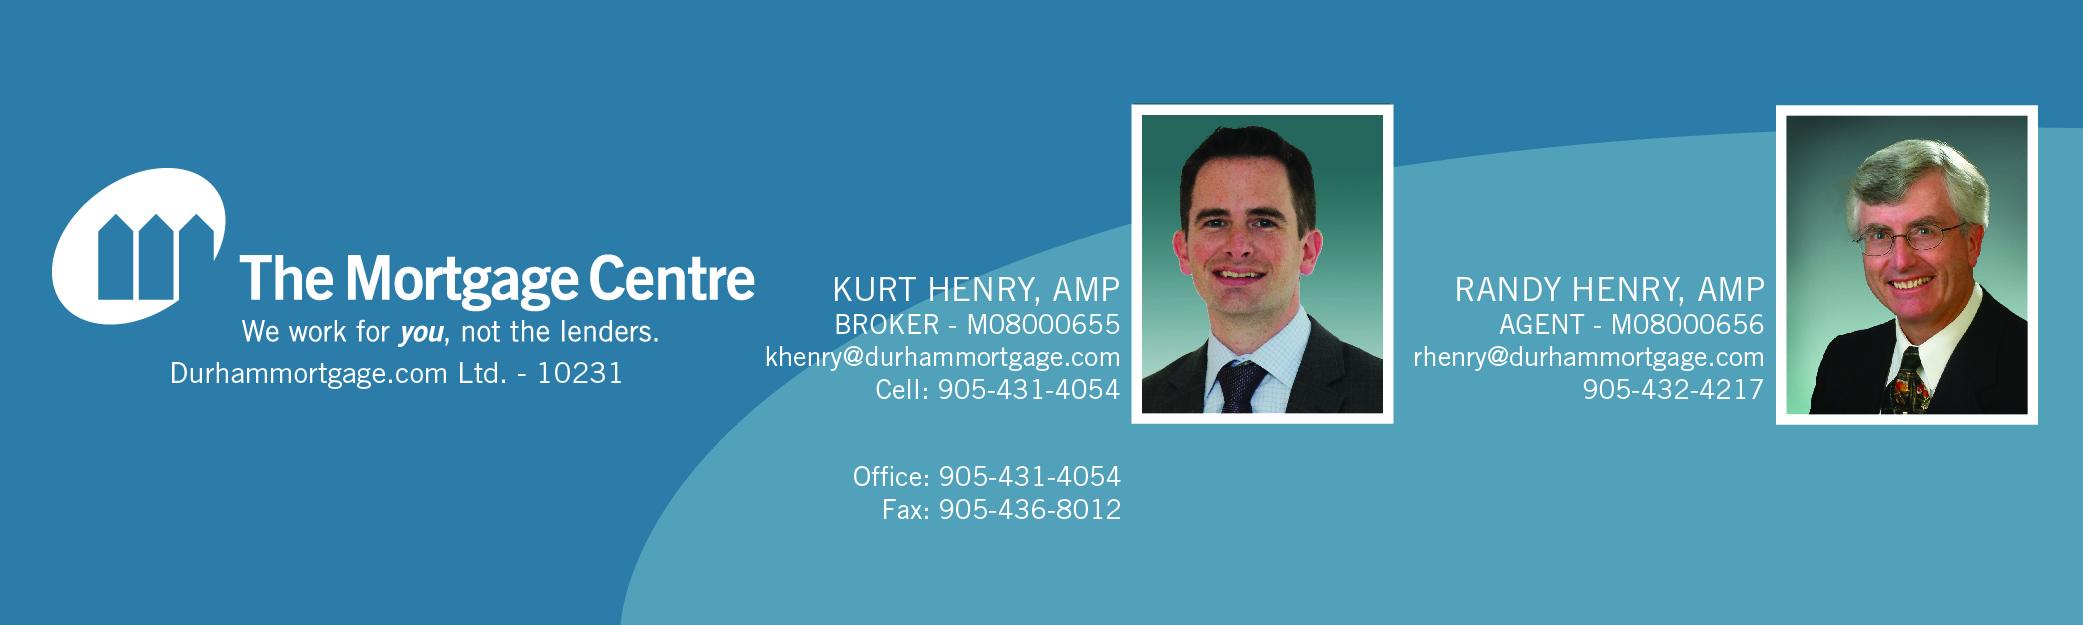 Kurt Henry